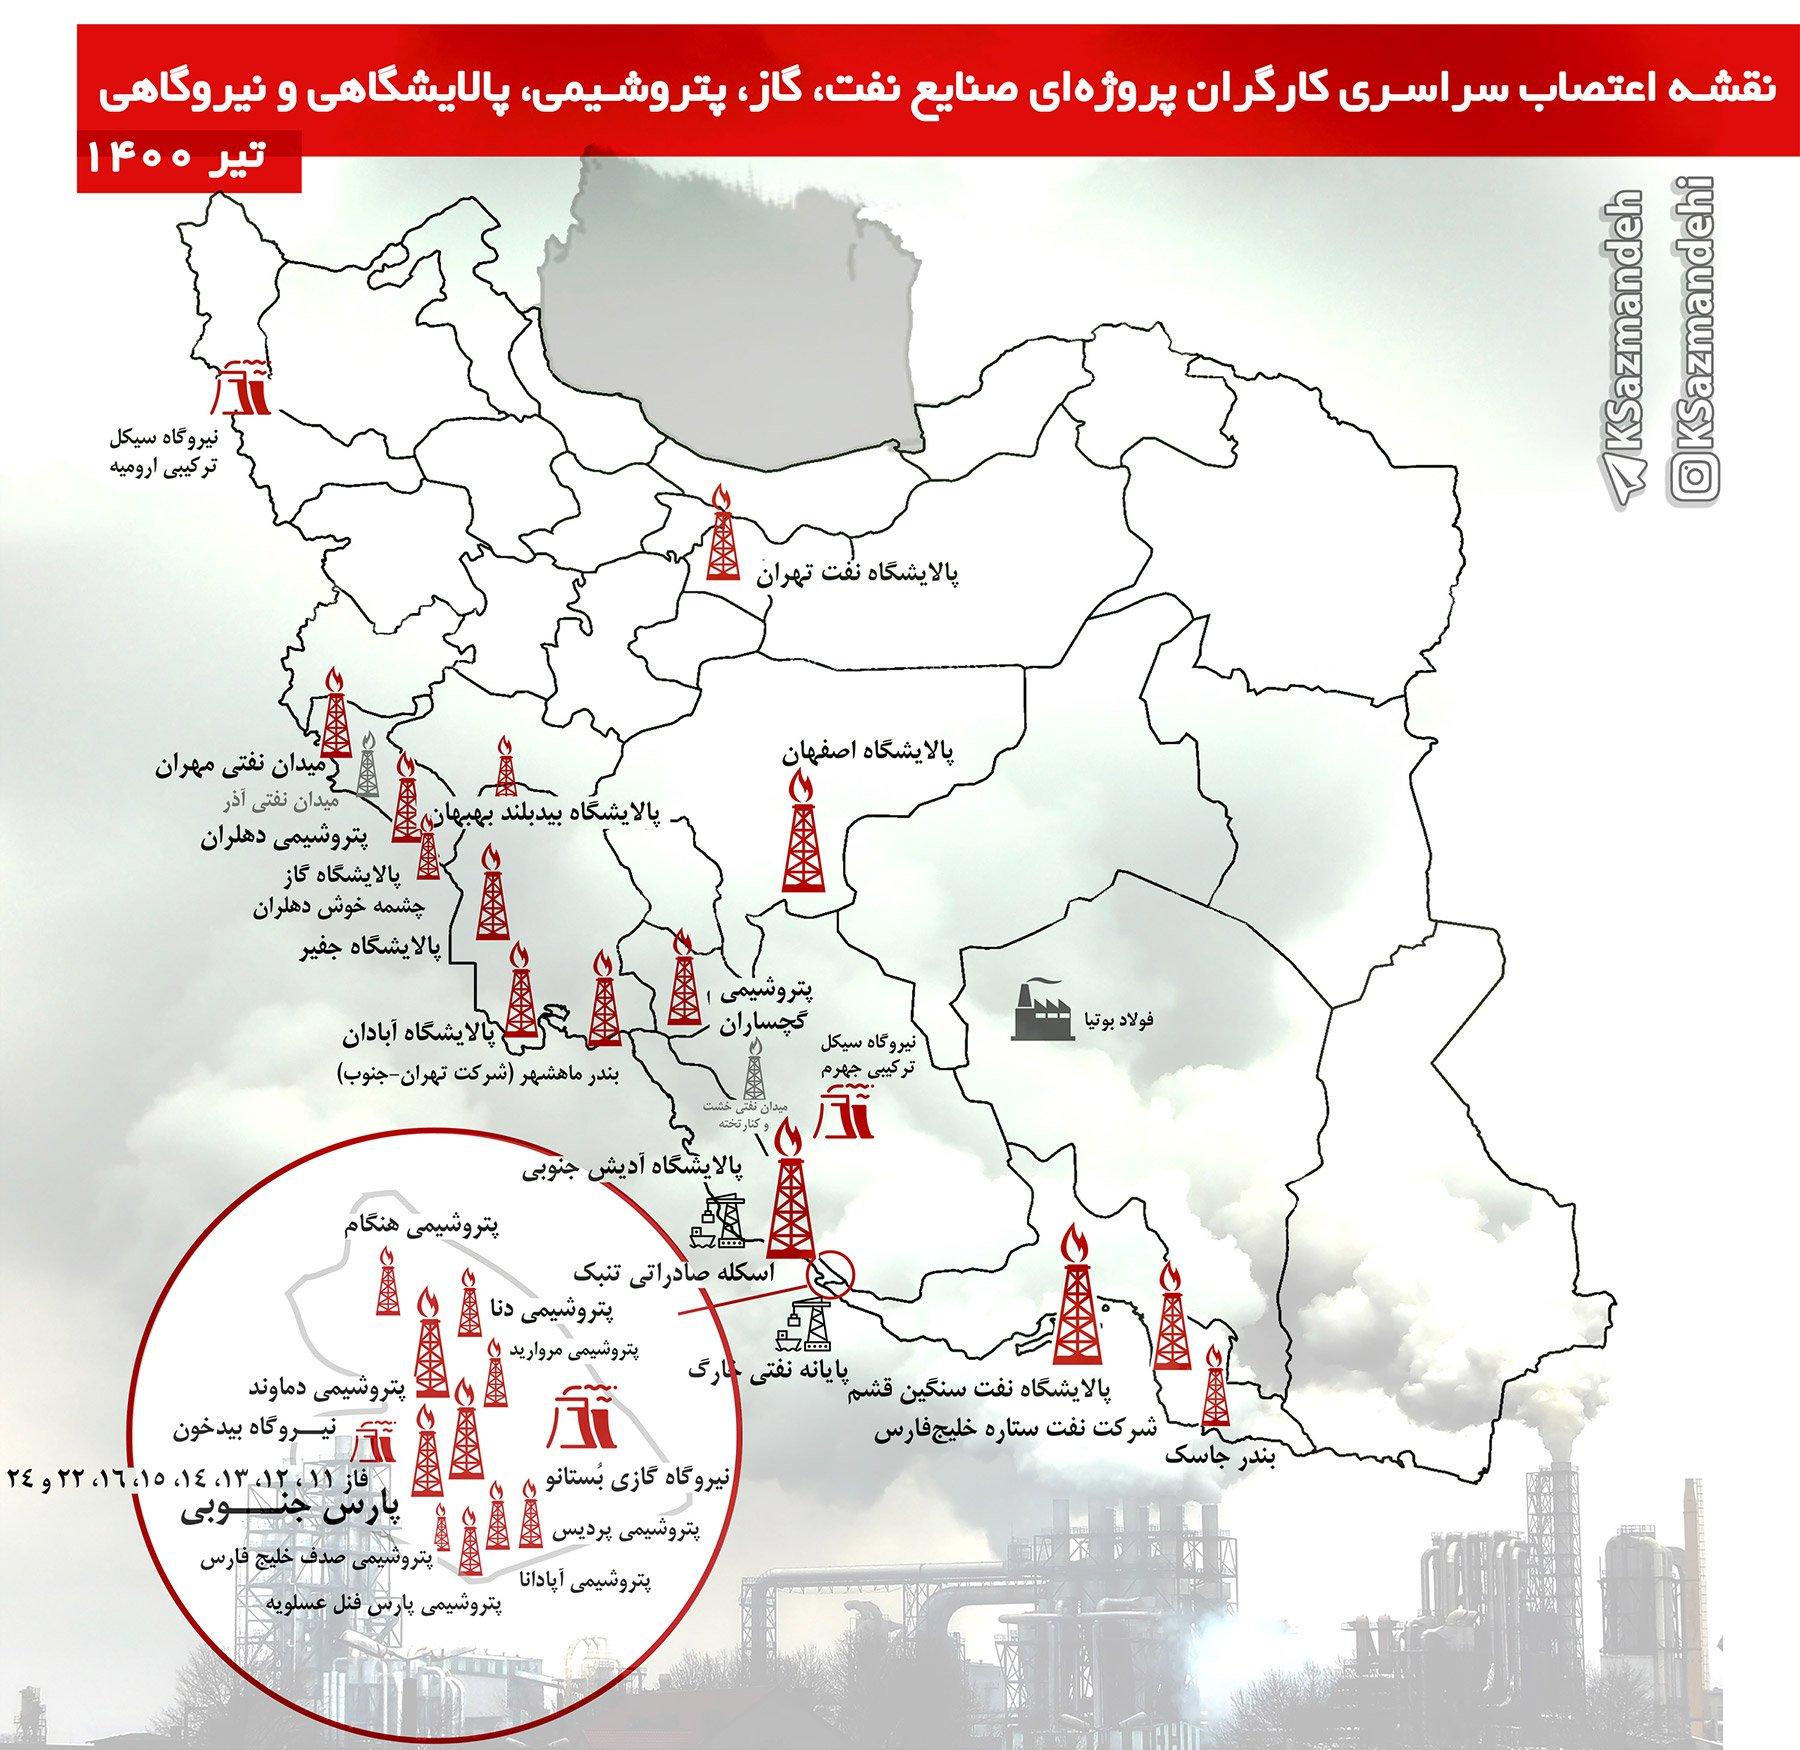 نقشه اعتصاب سراسری کارگران پروژه ای نفت گاز پتروشیمی پالایشگاه